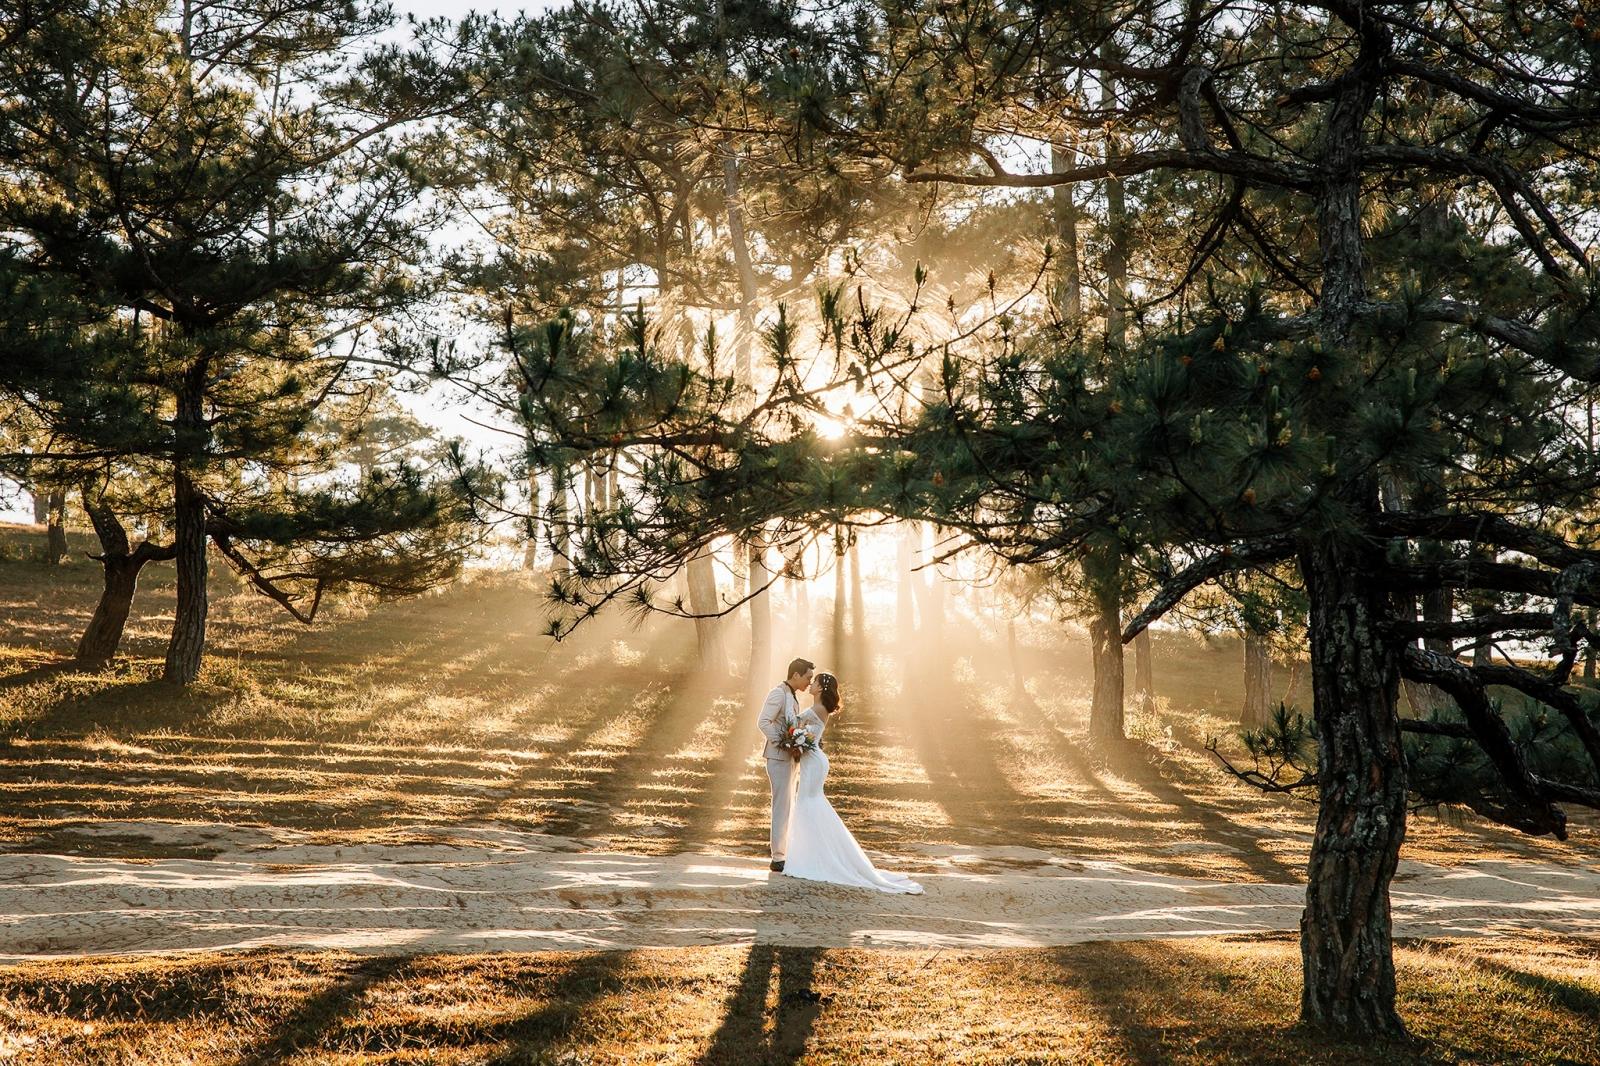 chụp ảnh cưới ngoại cảnh Đà Lạt trọn gói giá rẻ